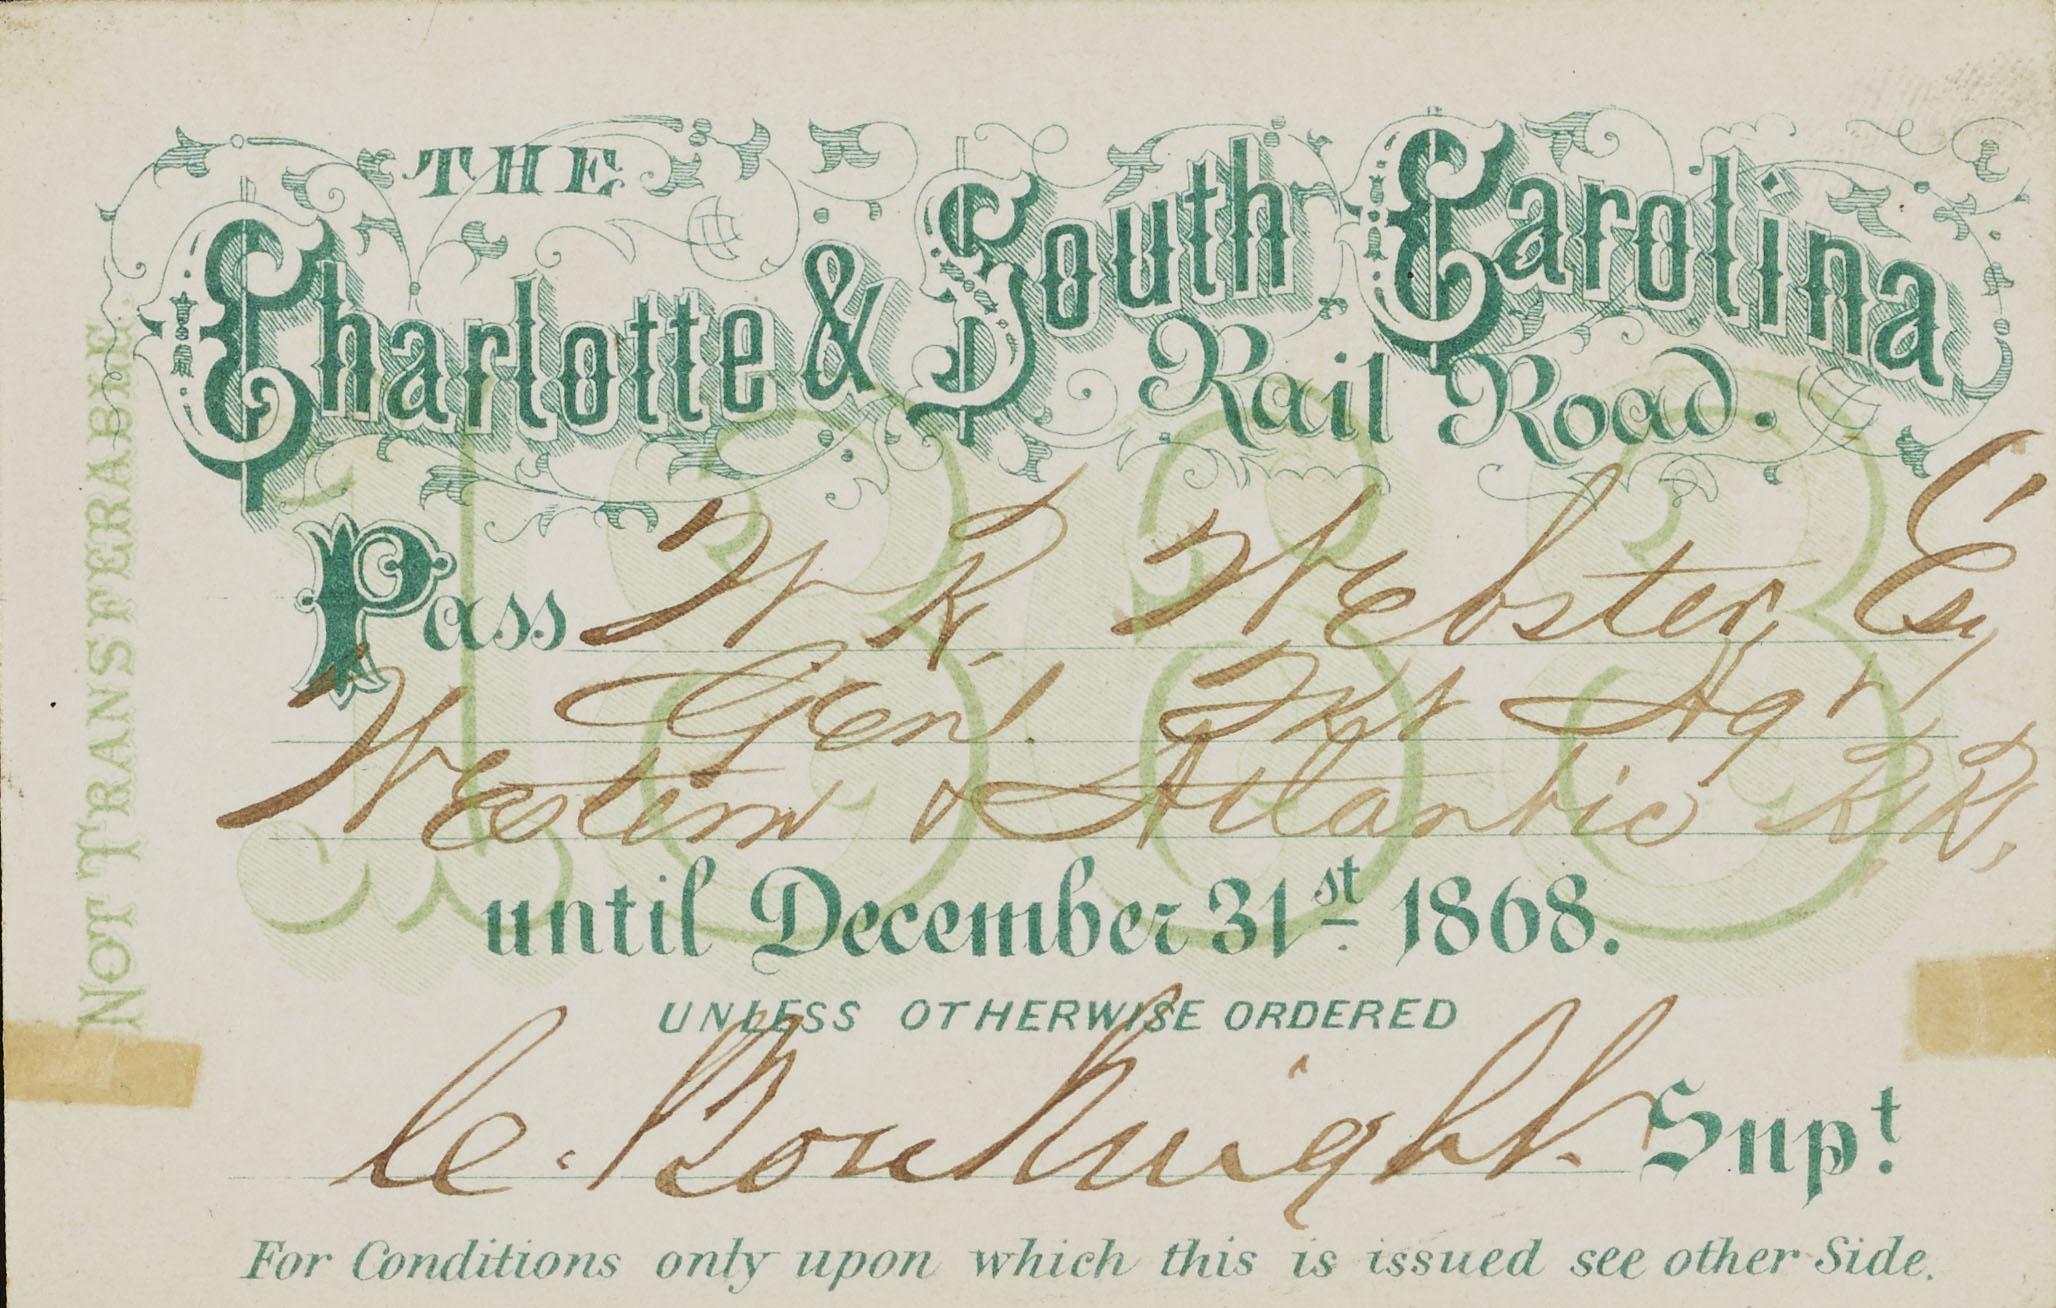 Charlotte and South Carolina Railroad pass